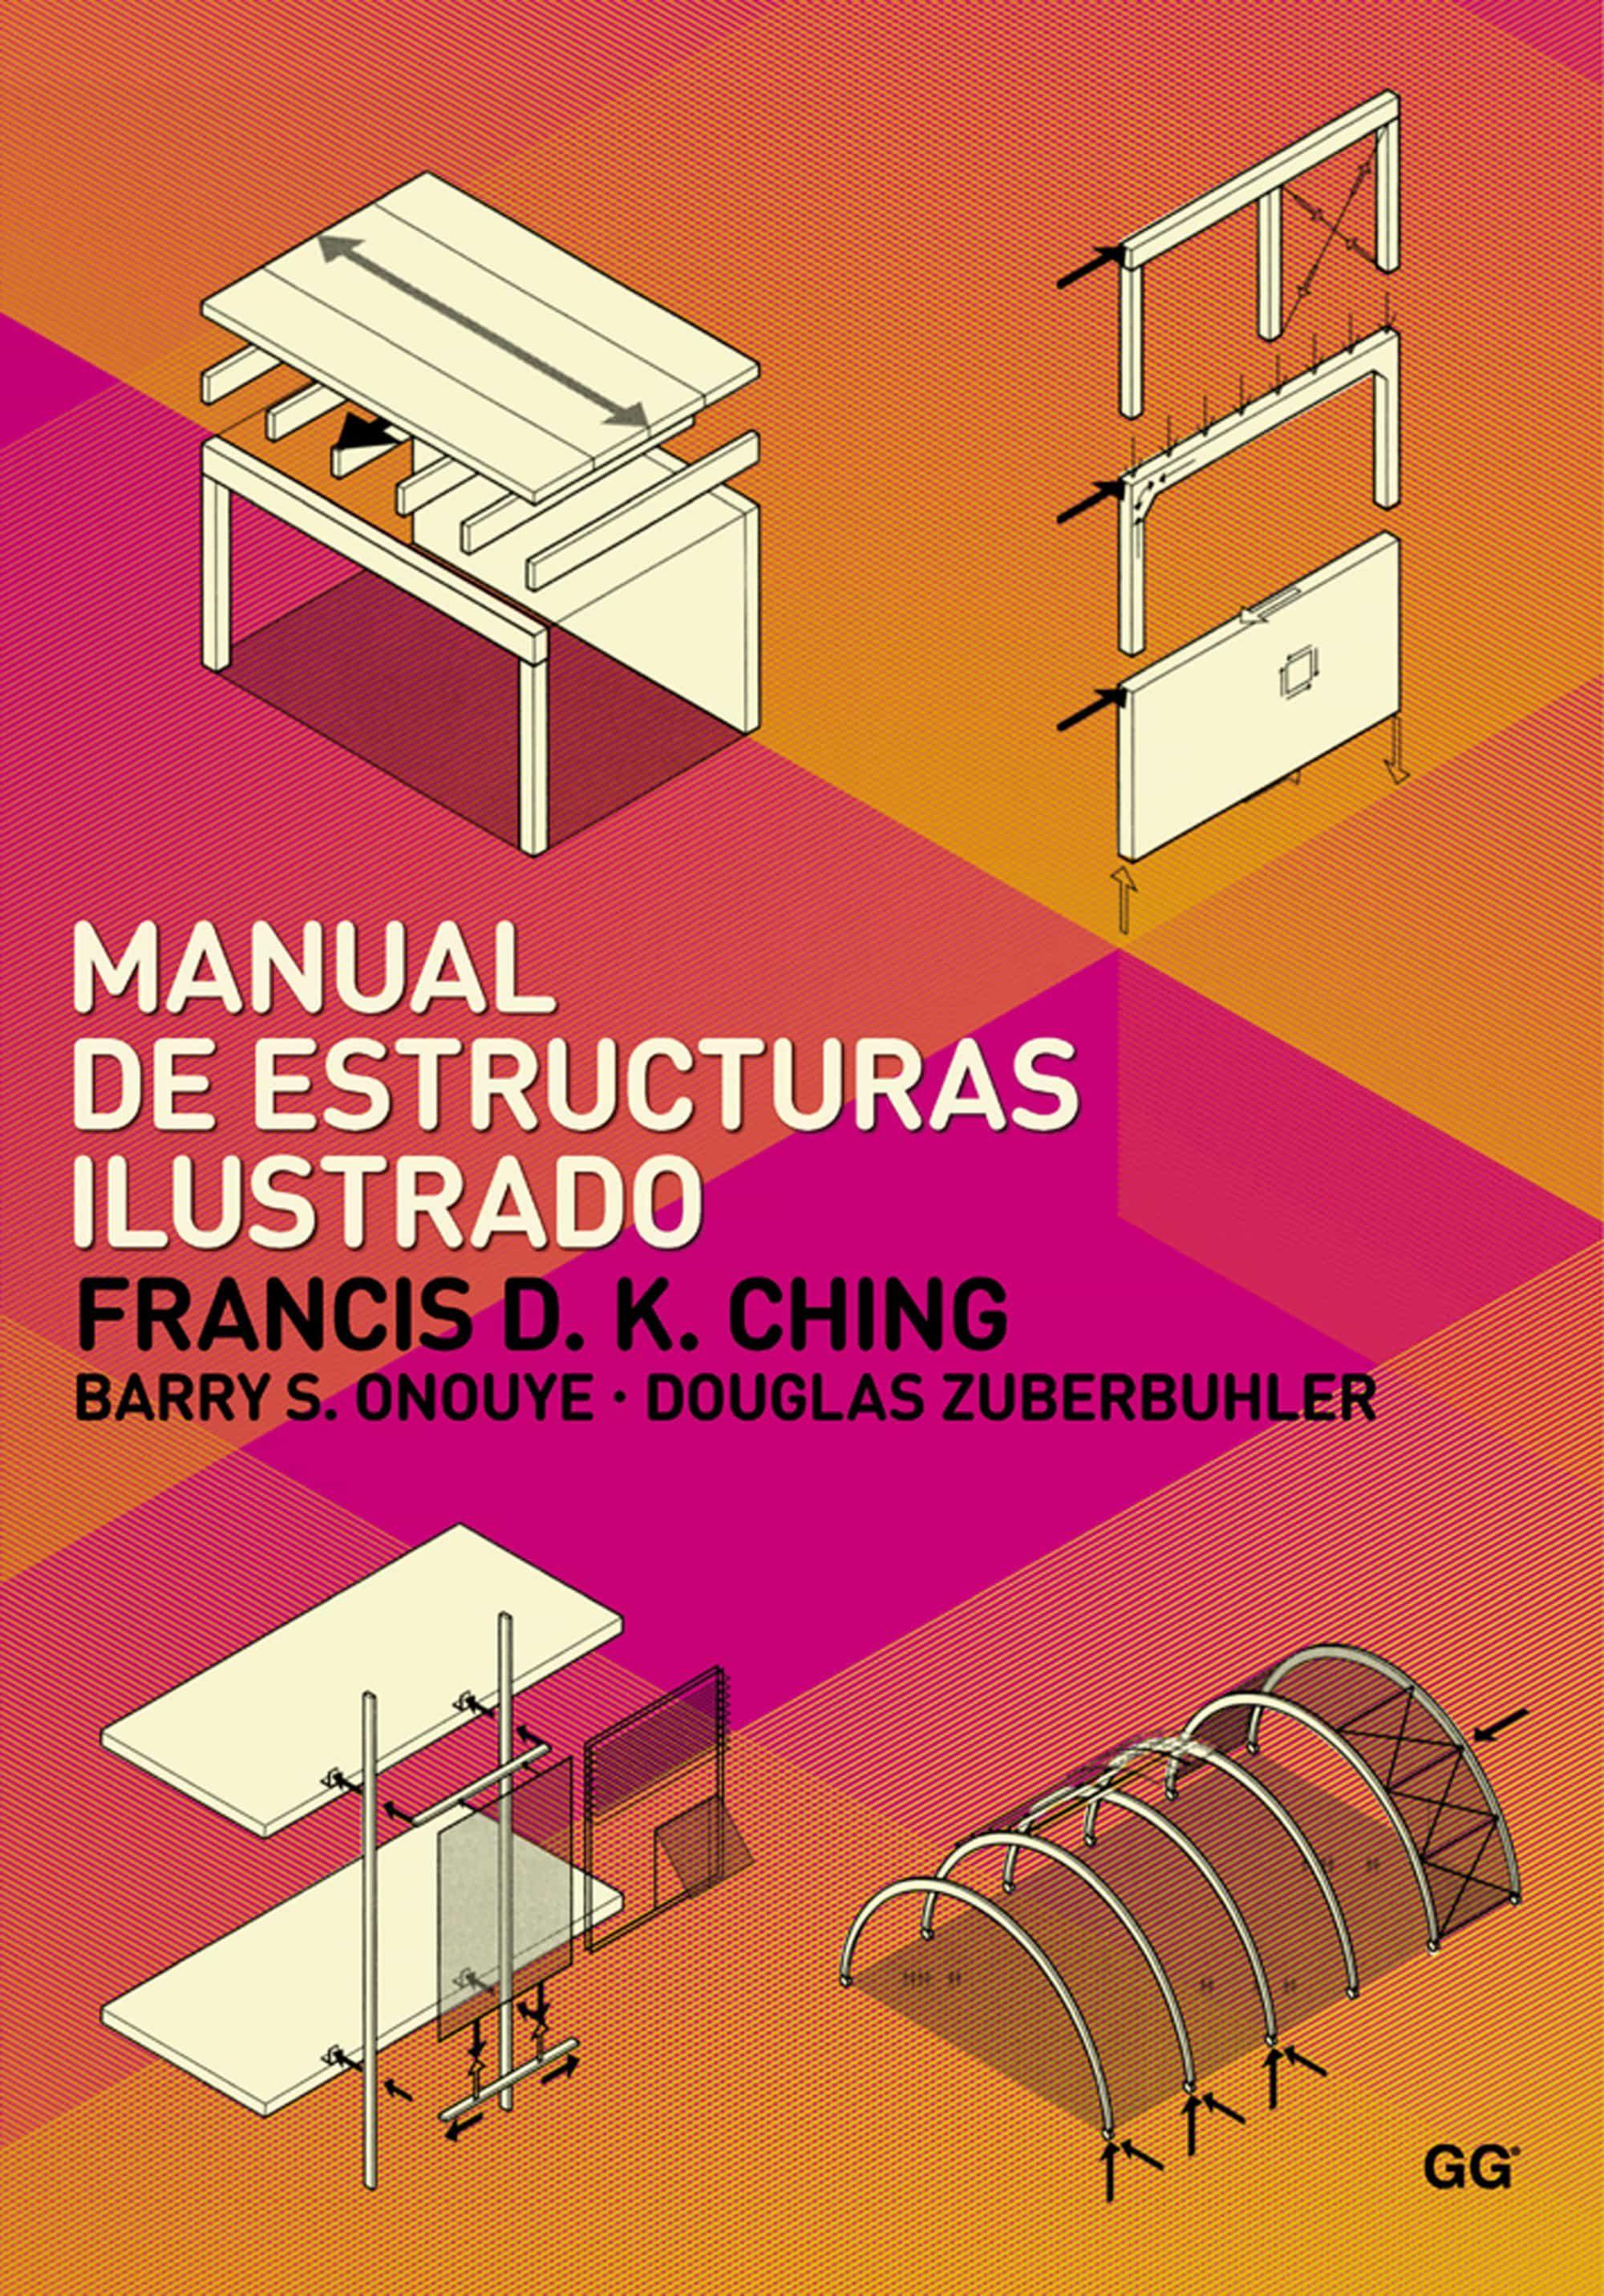 manual de estructuras ilustrado ebook francis d k